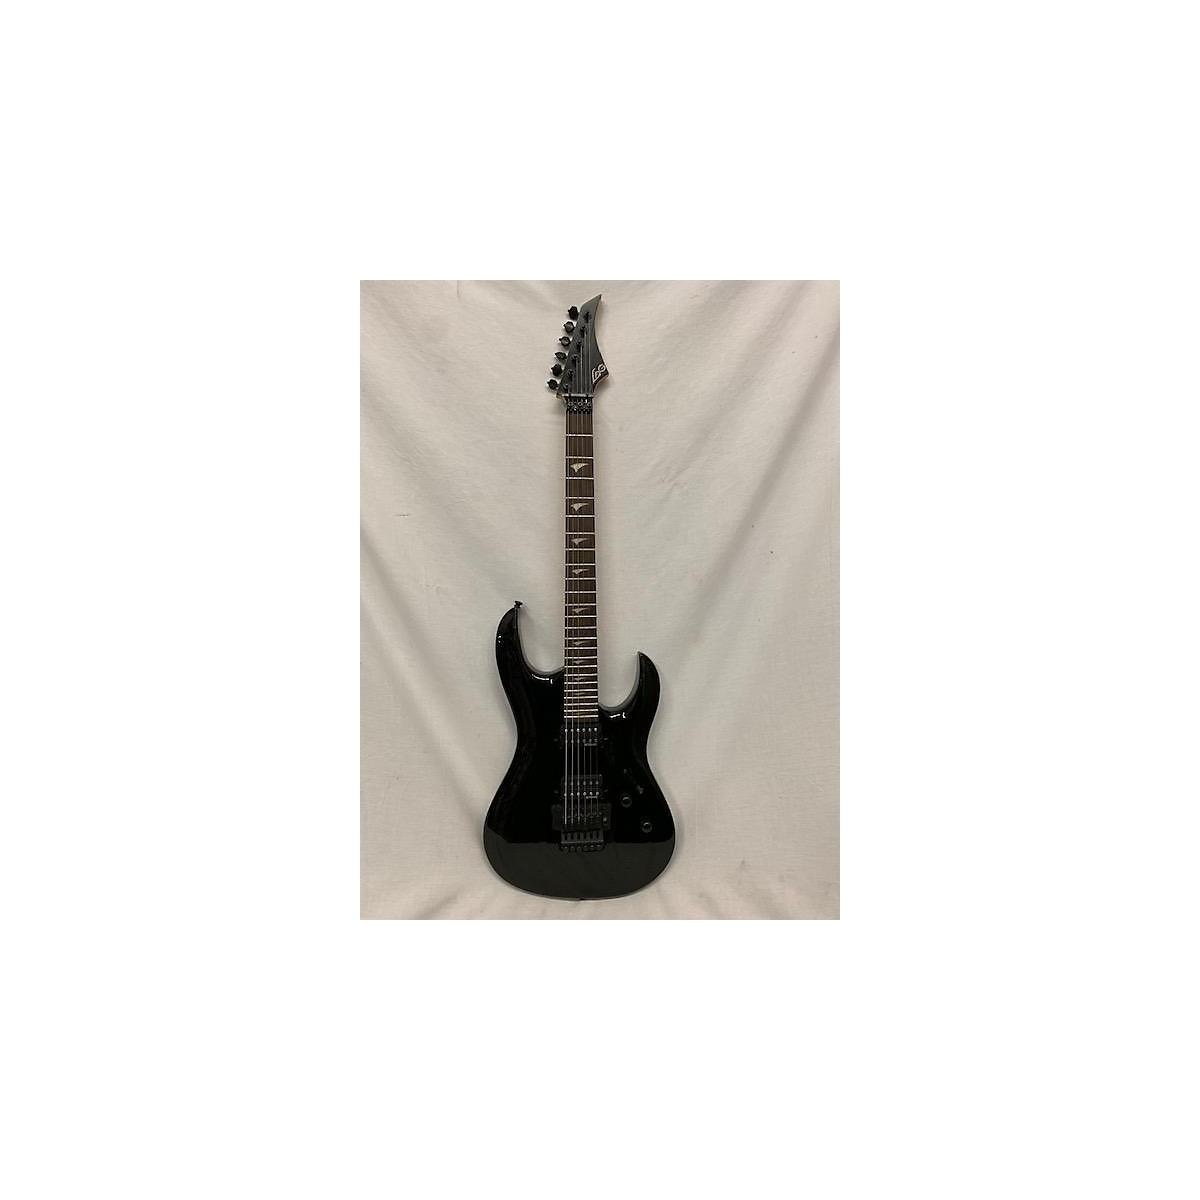 Lag Guitars ARKANE 200 Solid Body Electric Guitar